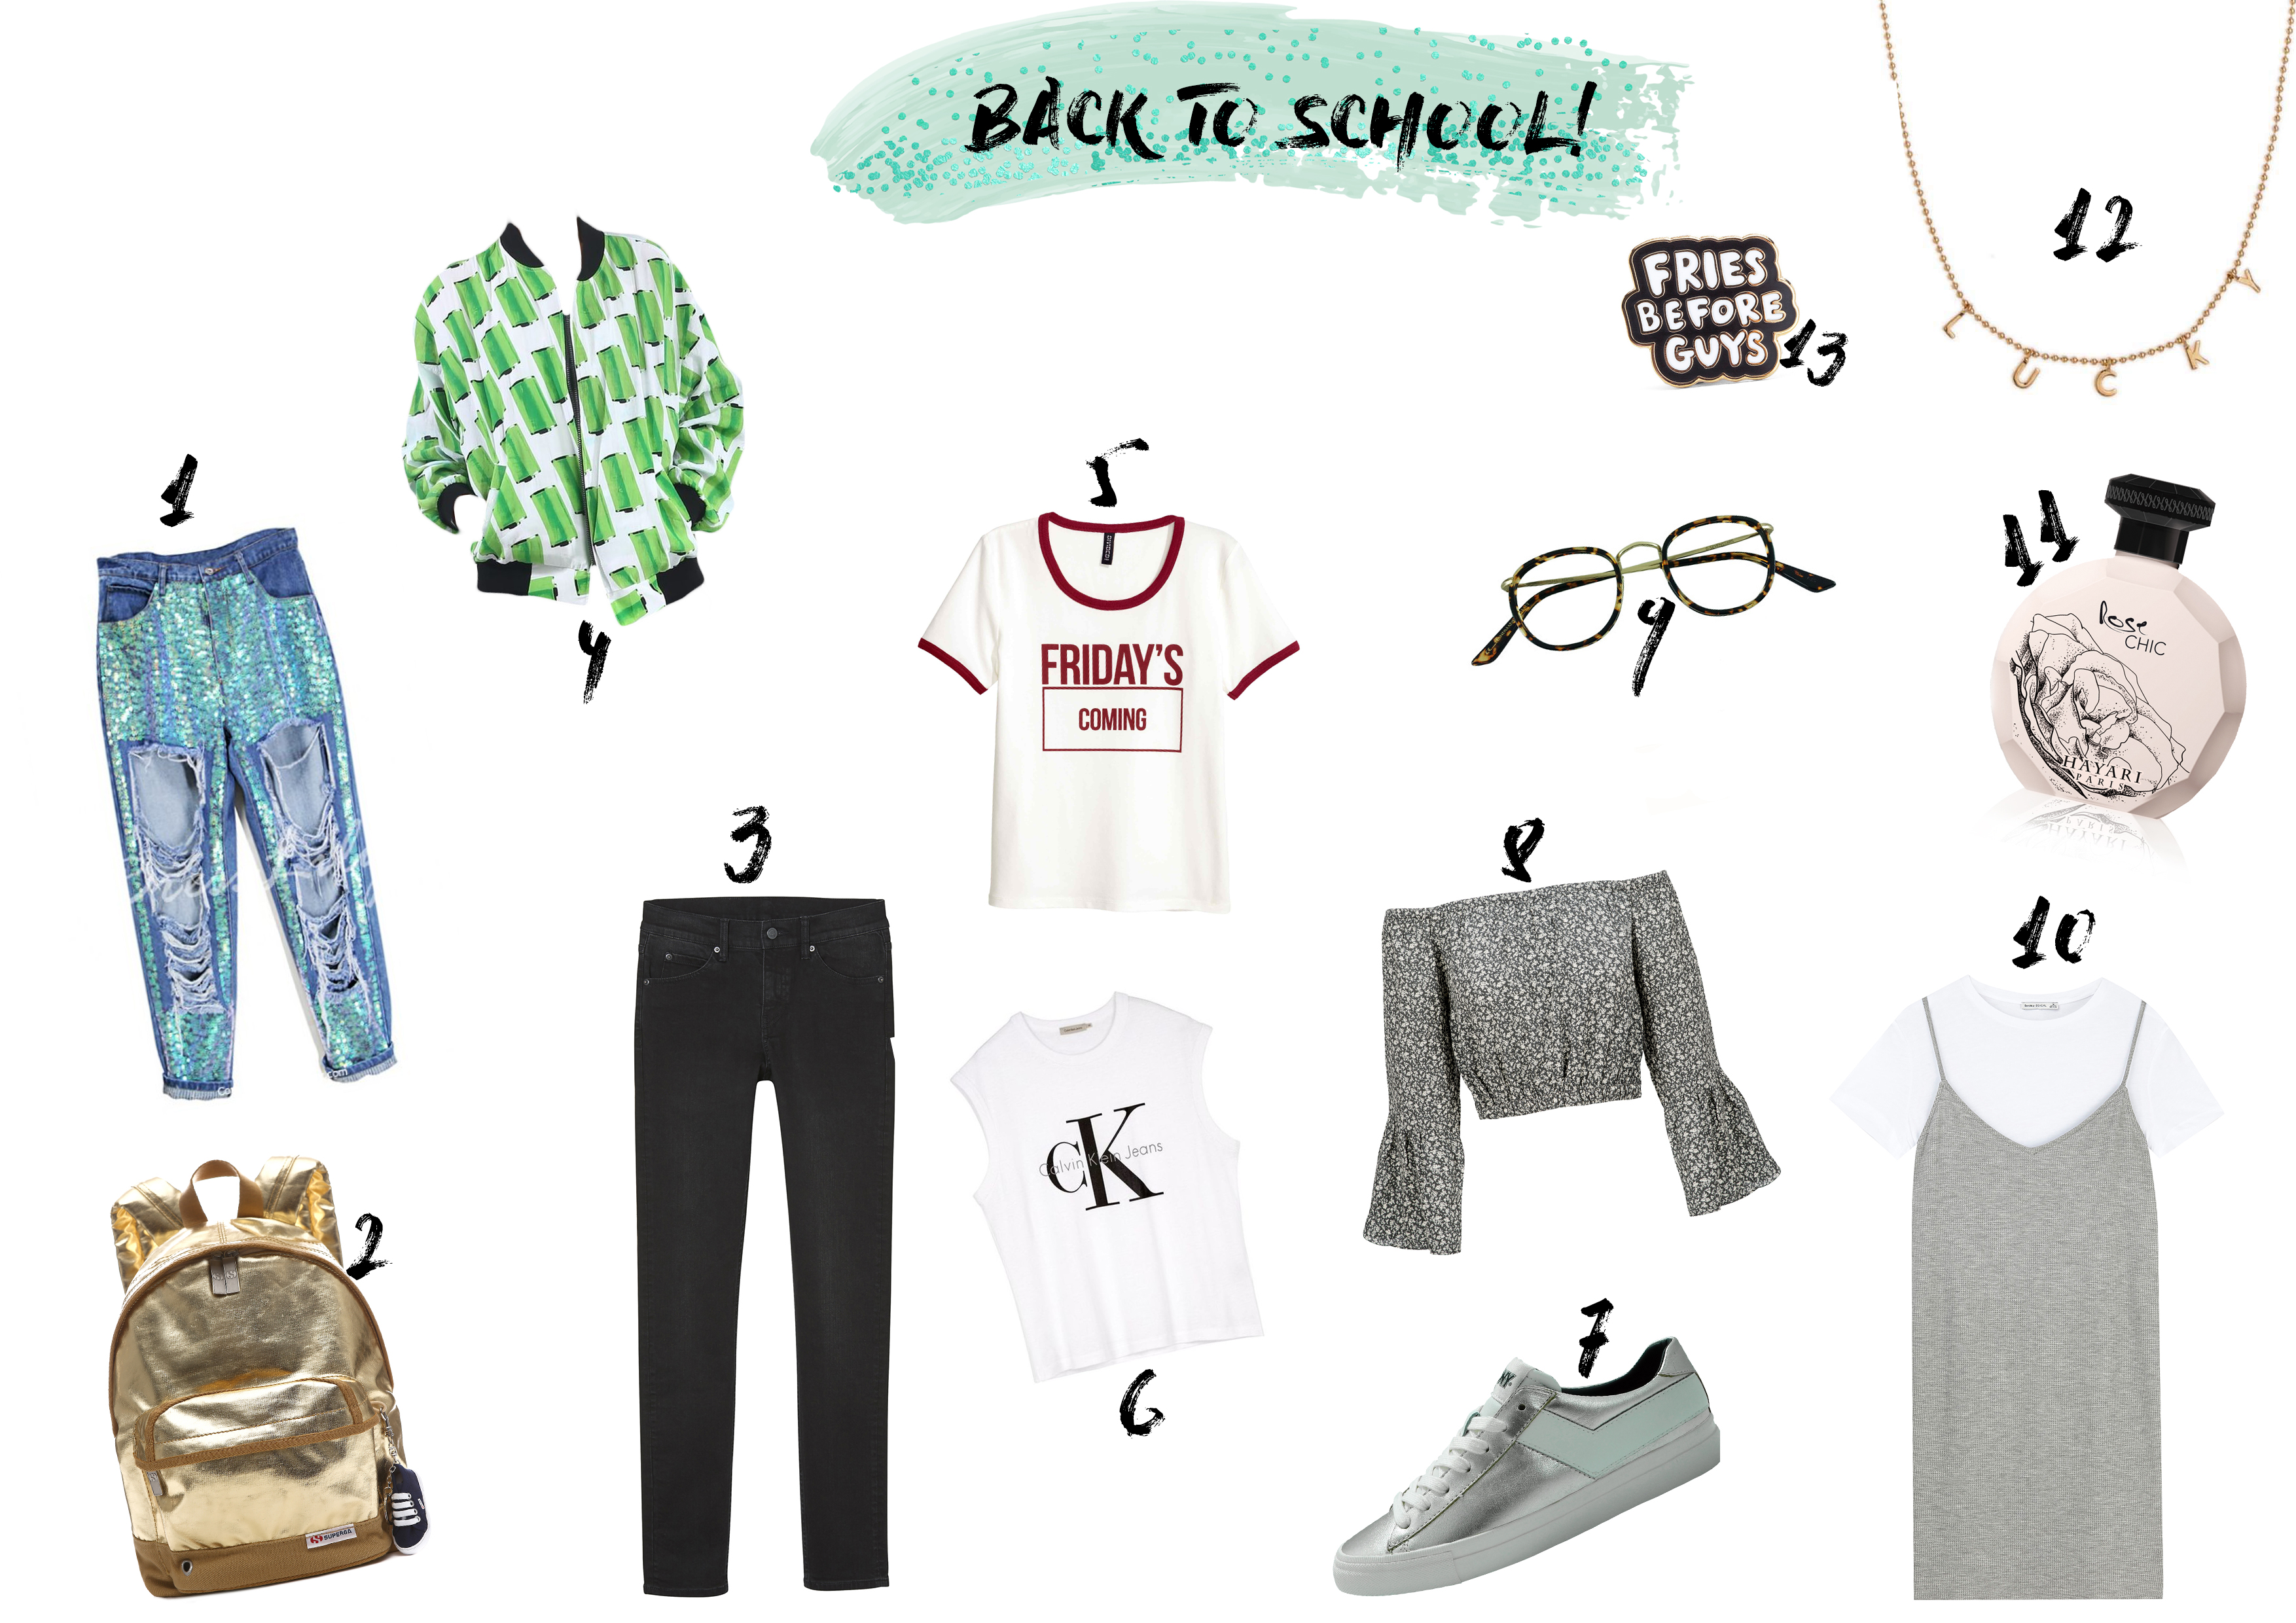 backtoschooljustyoumagazine1